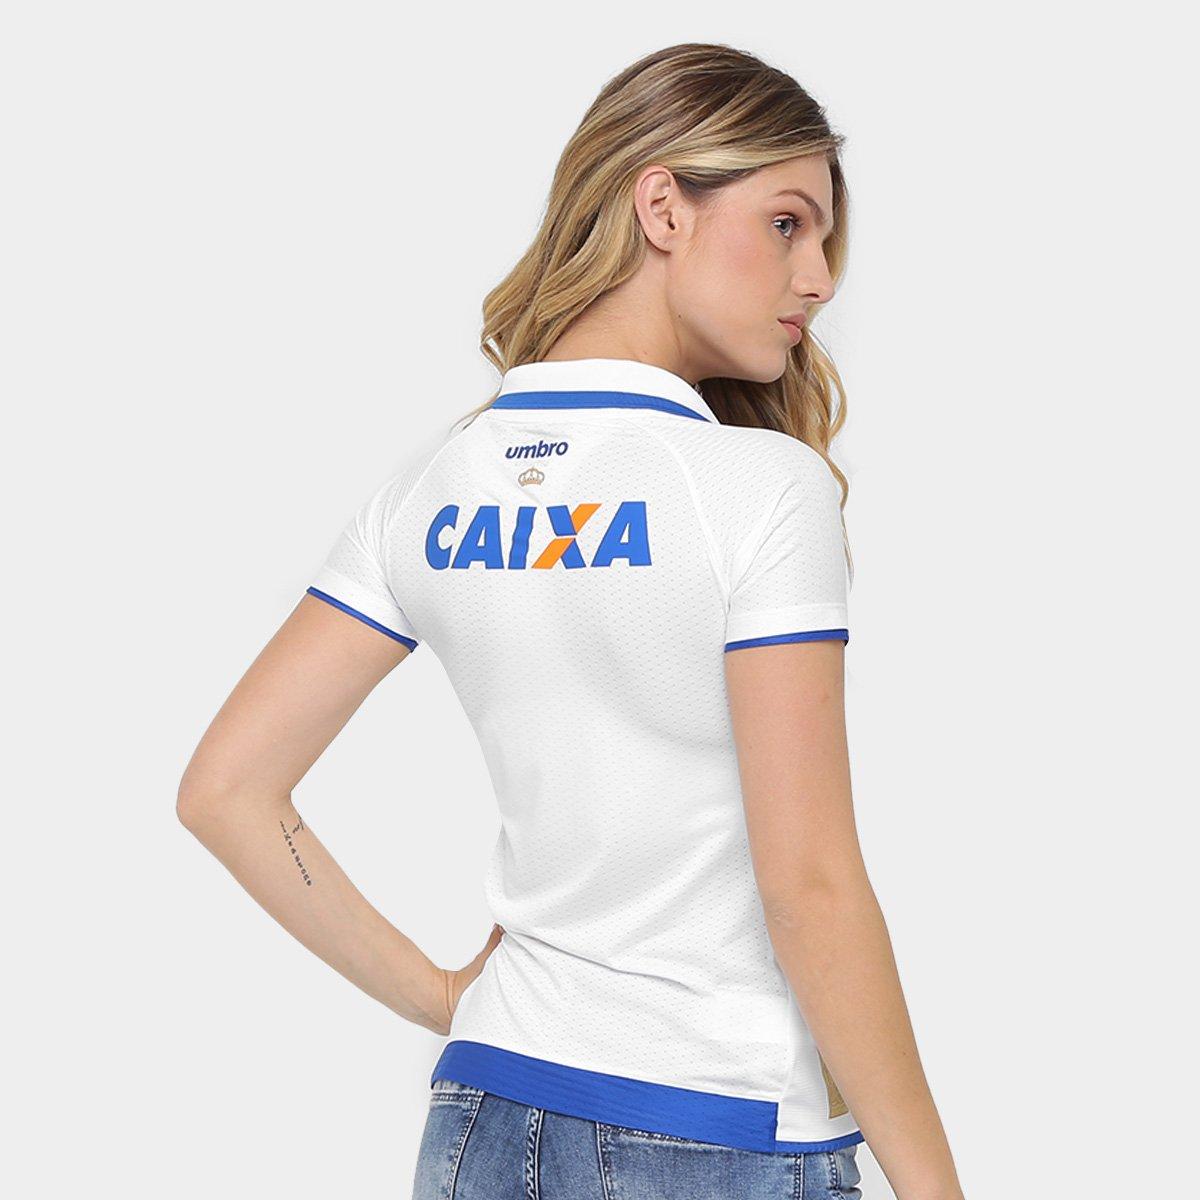 Camisa Cruzeiro II 17 18 s nº Torcedor Umbro Feminina - Compre Agora ... a7df7d199790f